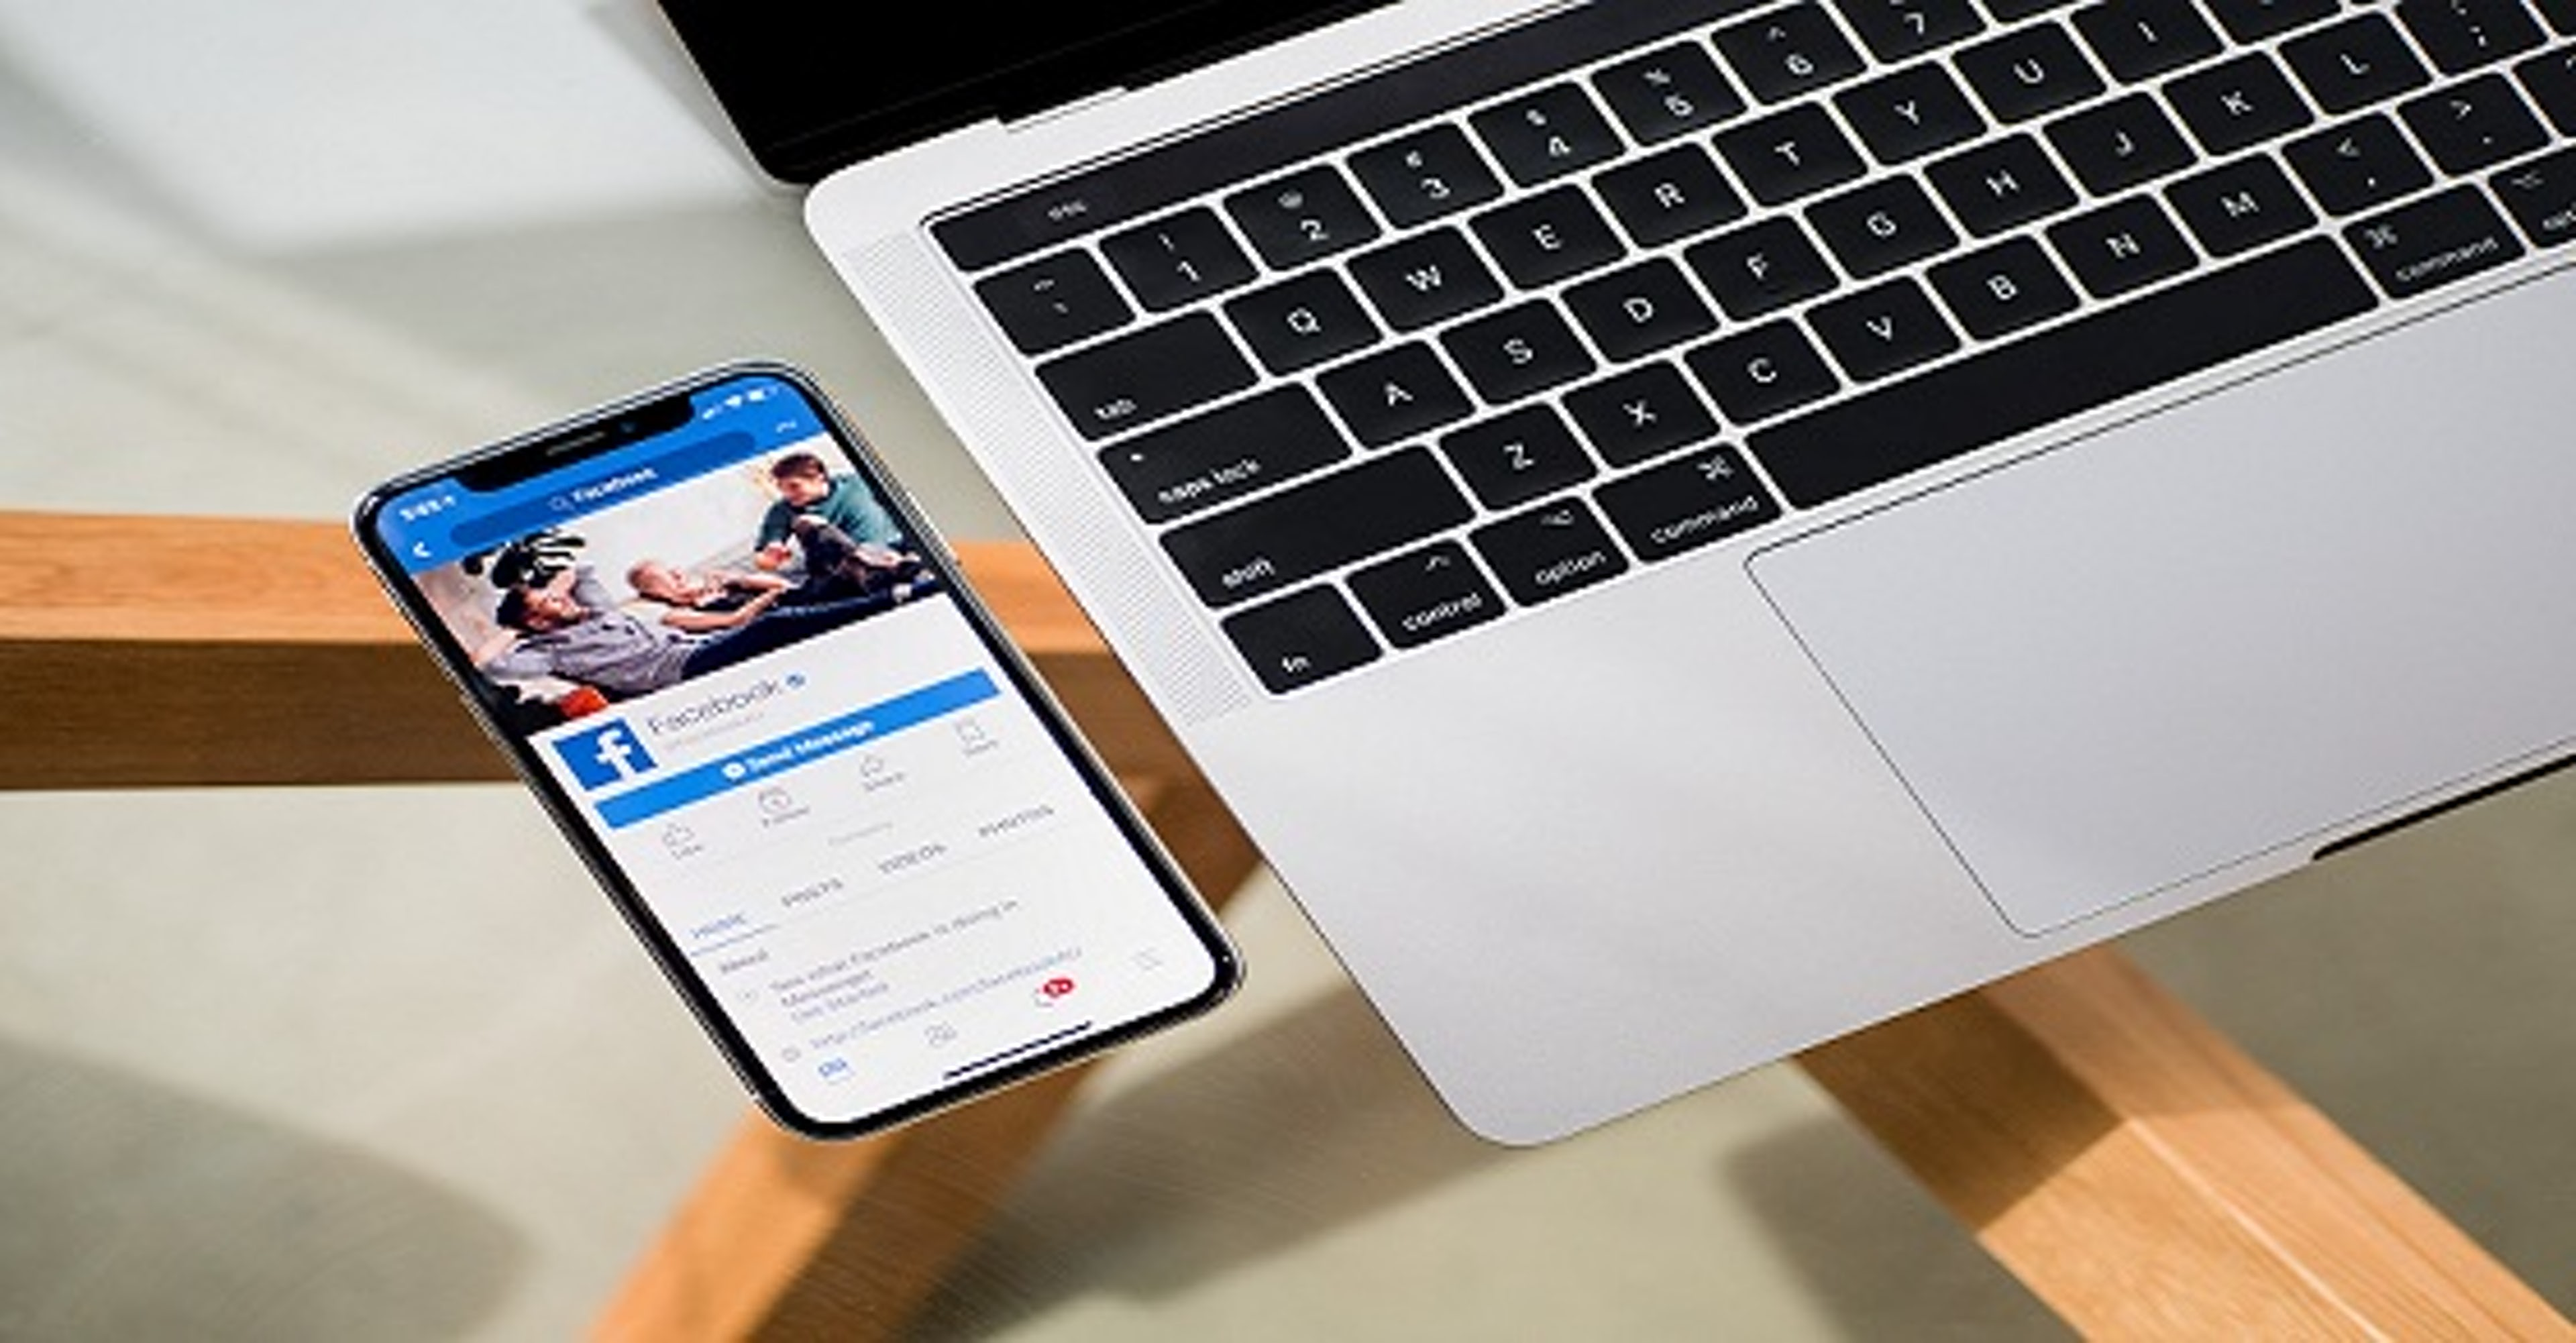 ¿Cómo medir el engagement? Descubre cómo tener éxito en las redes sociales